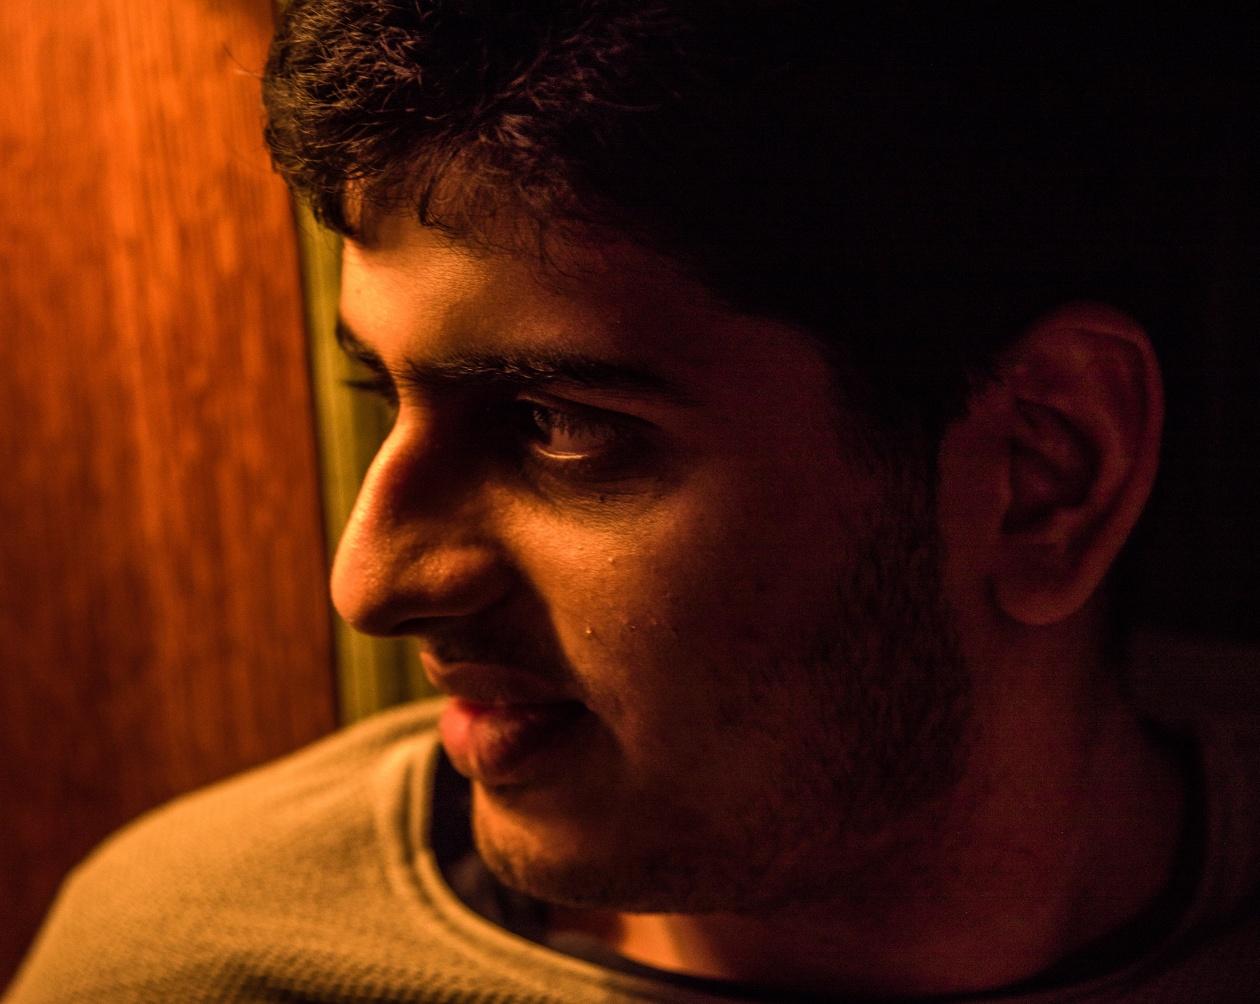 Prithvi Ramkumar